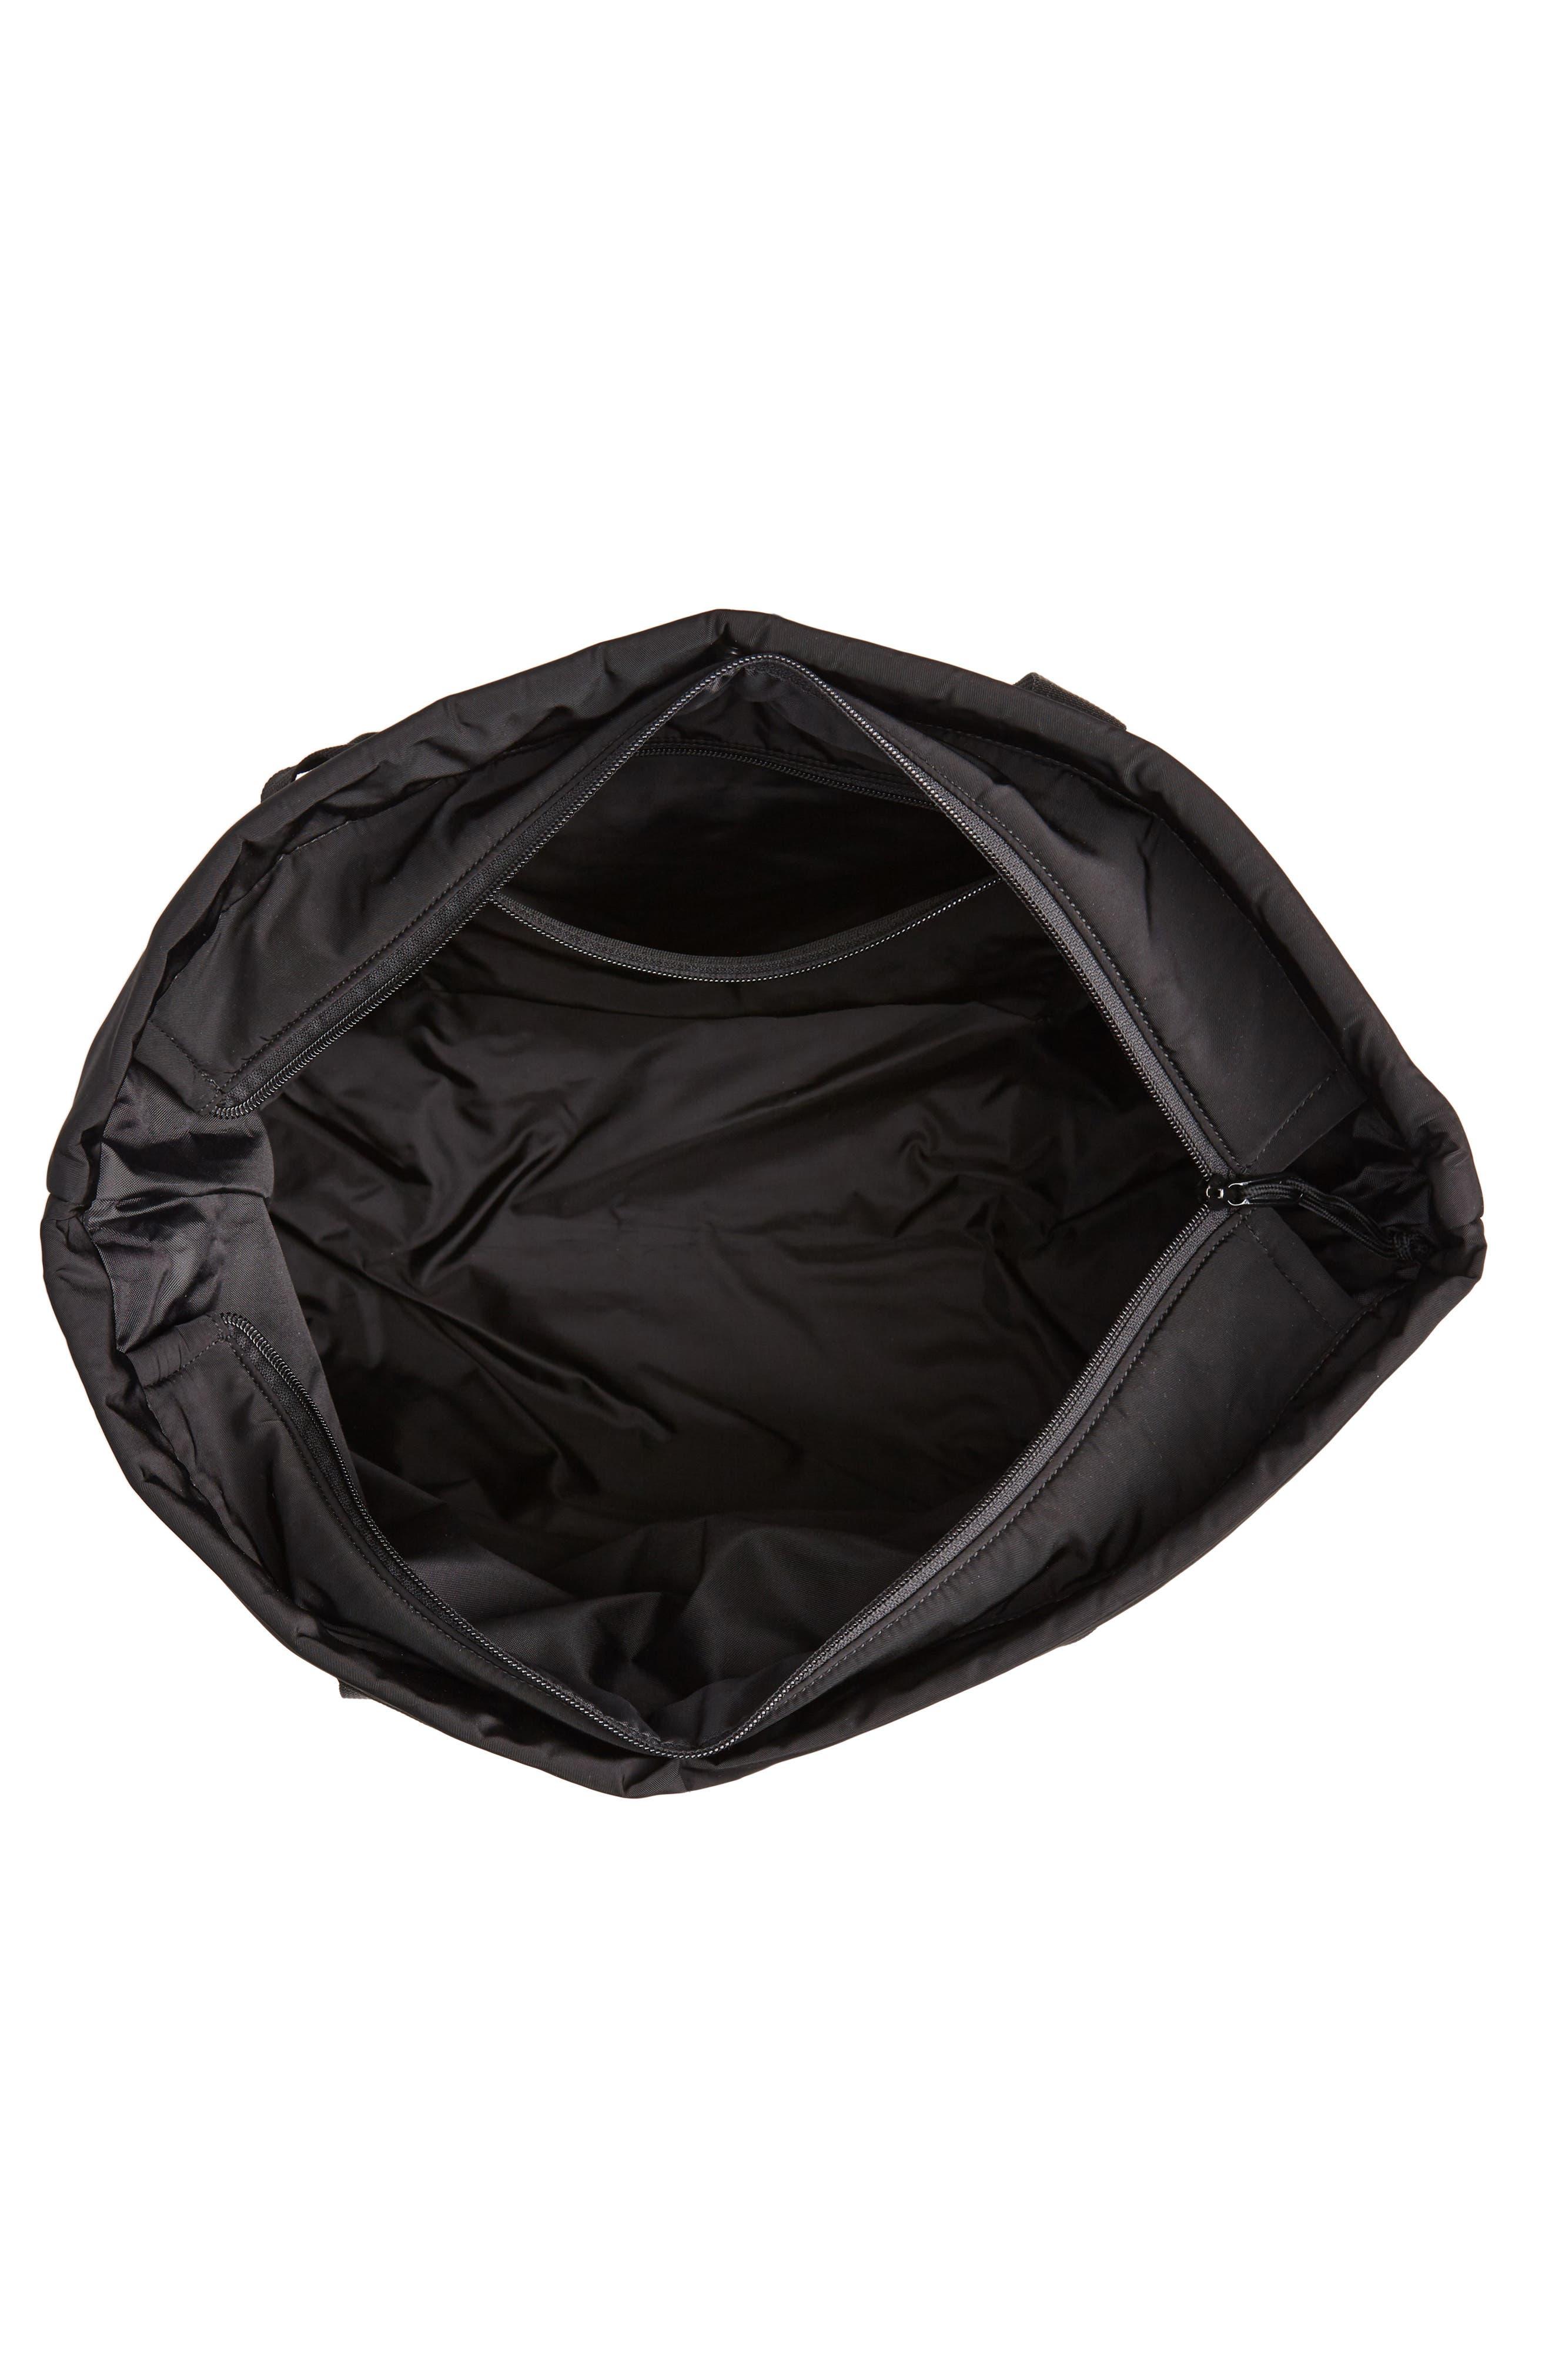 Military Shopper Tote Bag,                             Alternate thumbnail 4, color,                             BLACK / BLACK